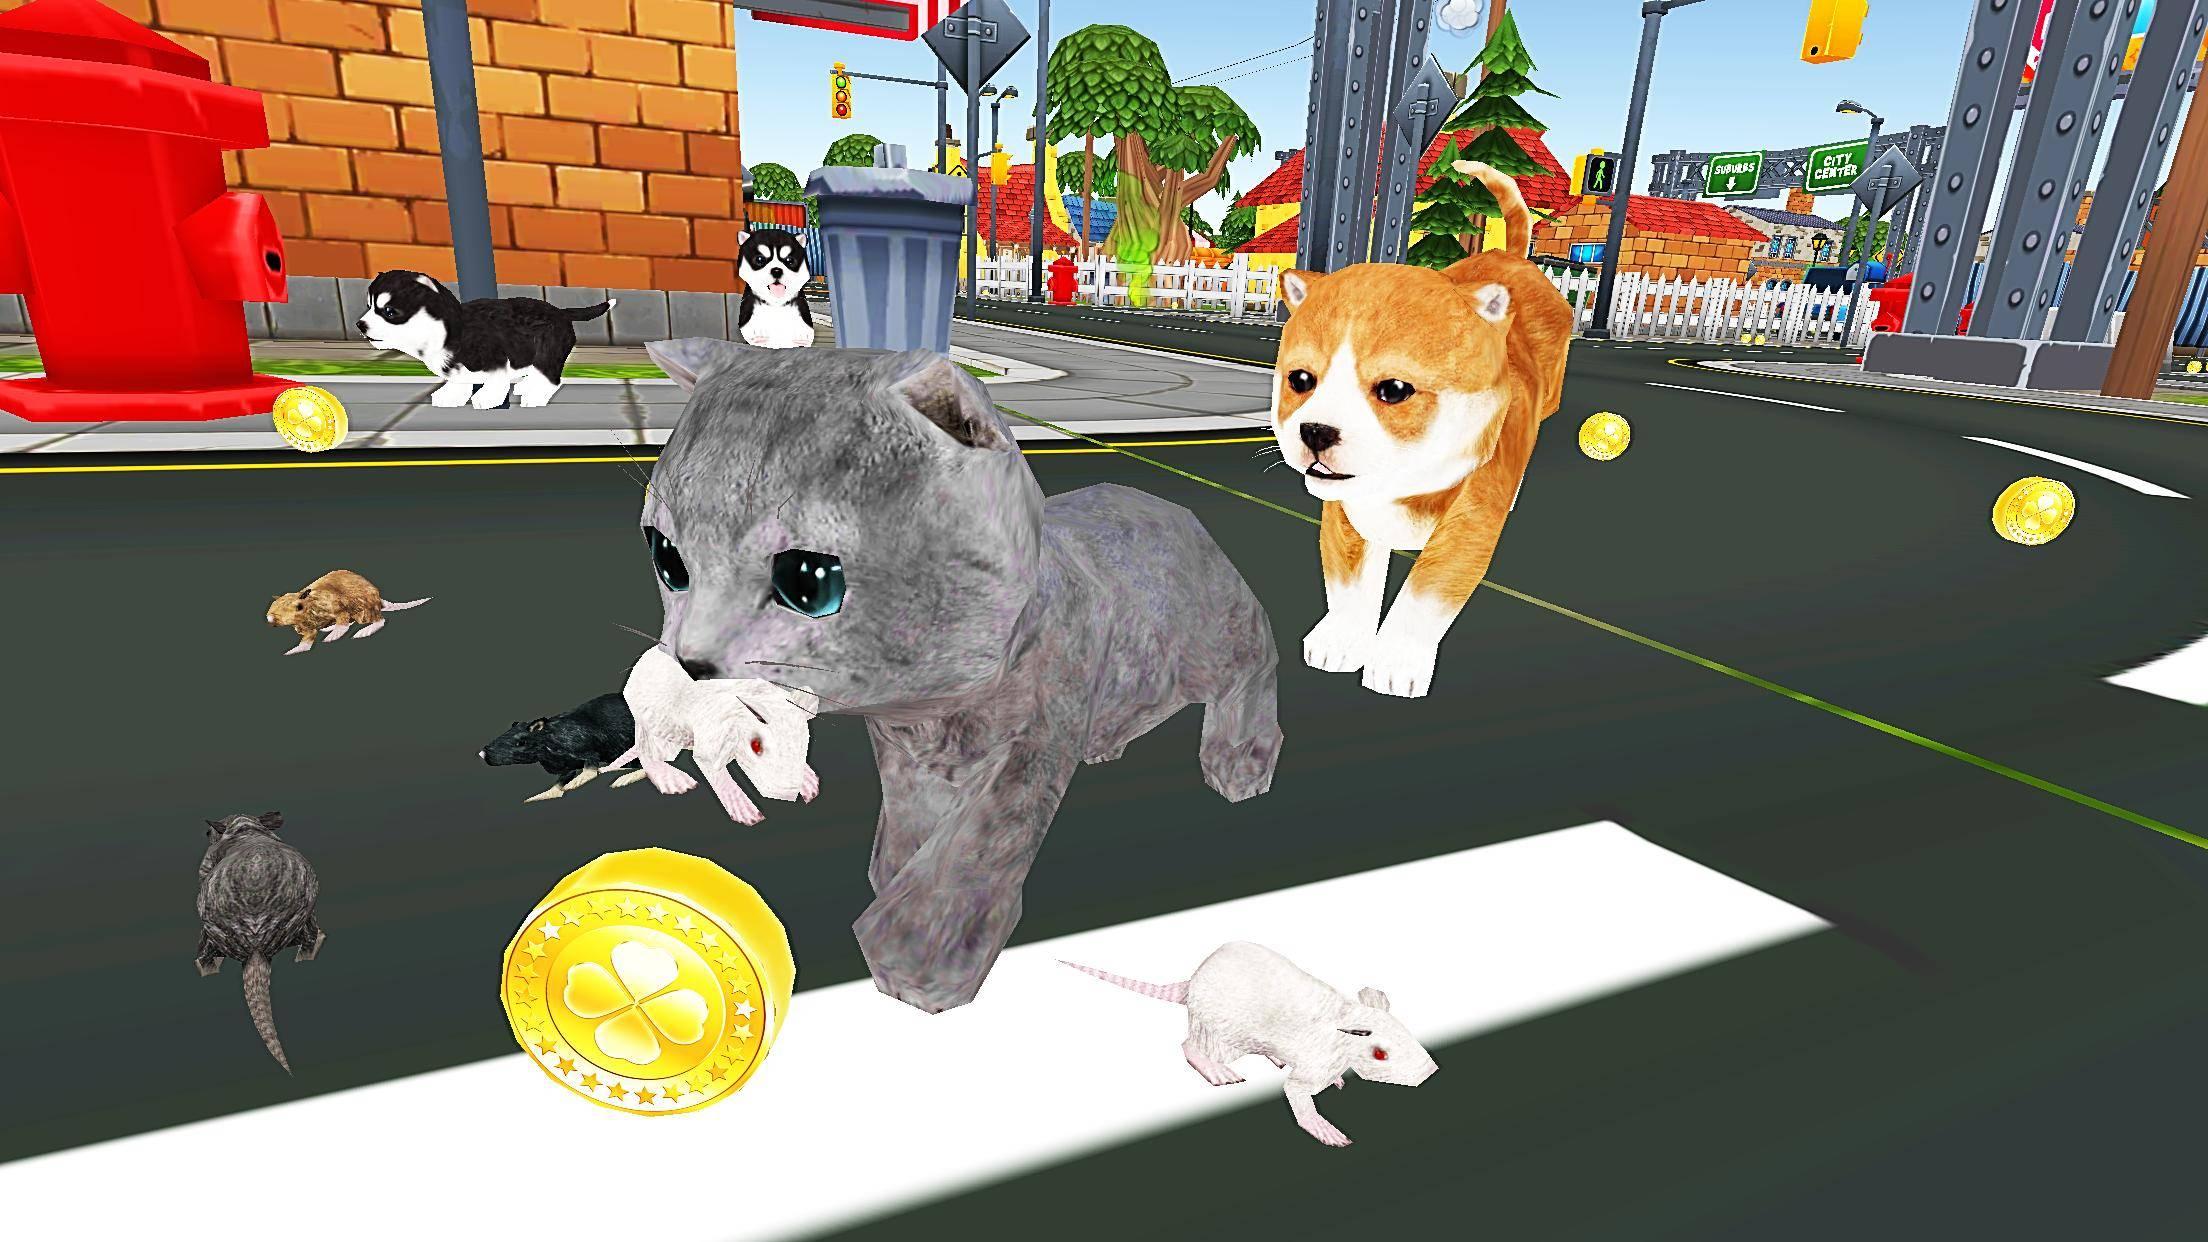 ᐉ как поиграть с котом дома – как играть с котенком? - zoomanji.ru